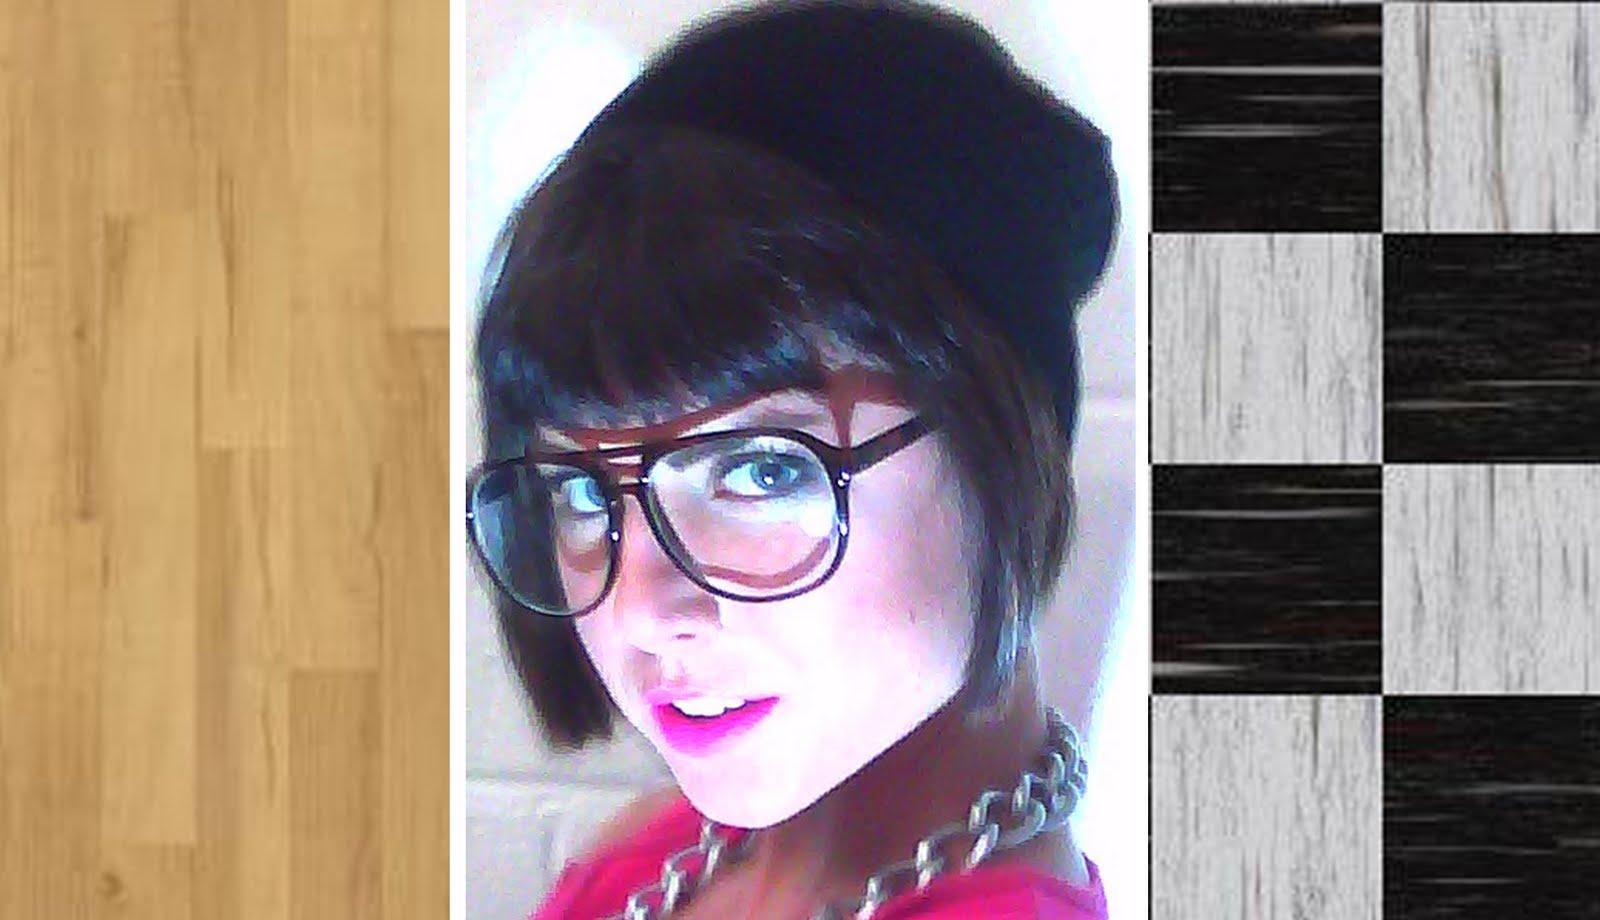 http://4.bp.blogspot.com/-Yo9KBSphJbk/TkxNe3ph0YI/AAAAAAAABNc/wzlRCV0XKao/s1600/hipster+girl+copy.jpg